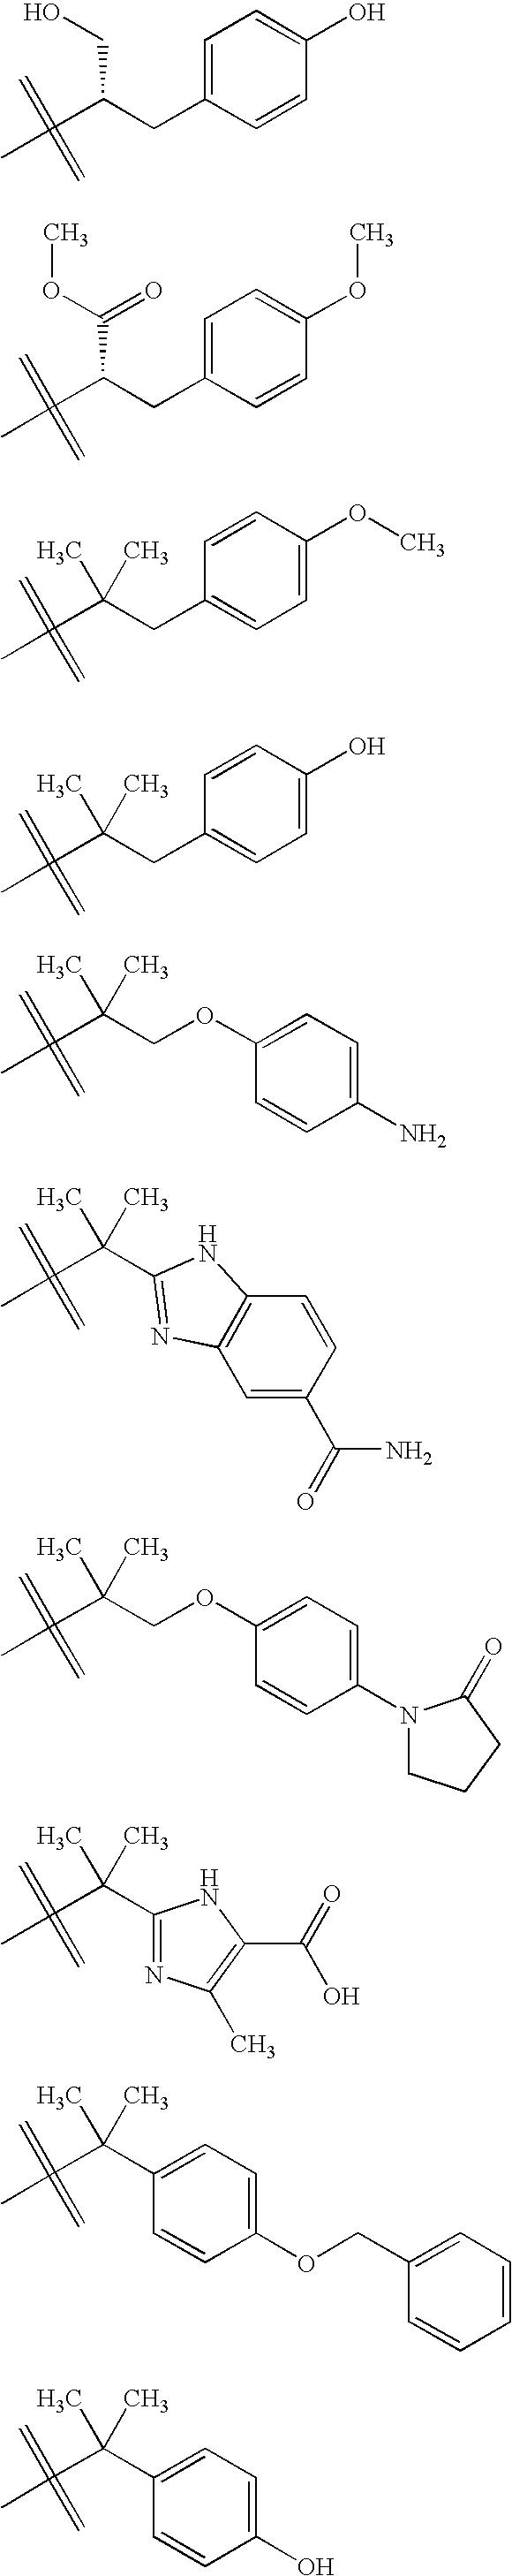 Figure US20070049593A1-20070301-C00176